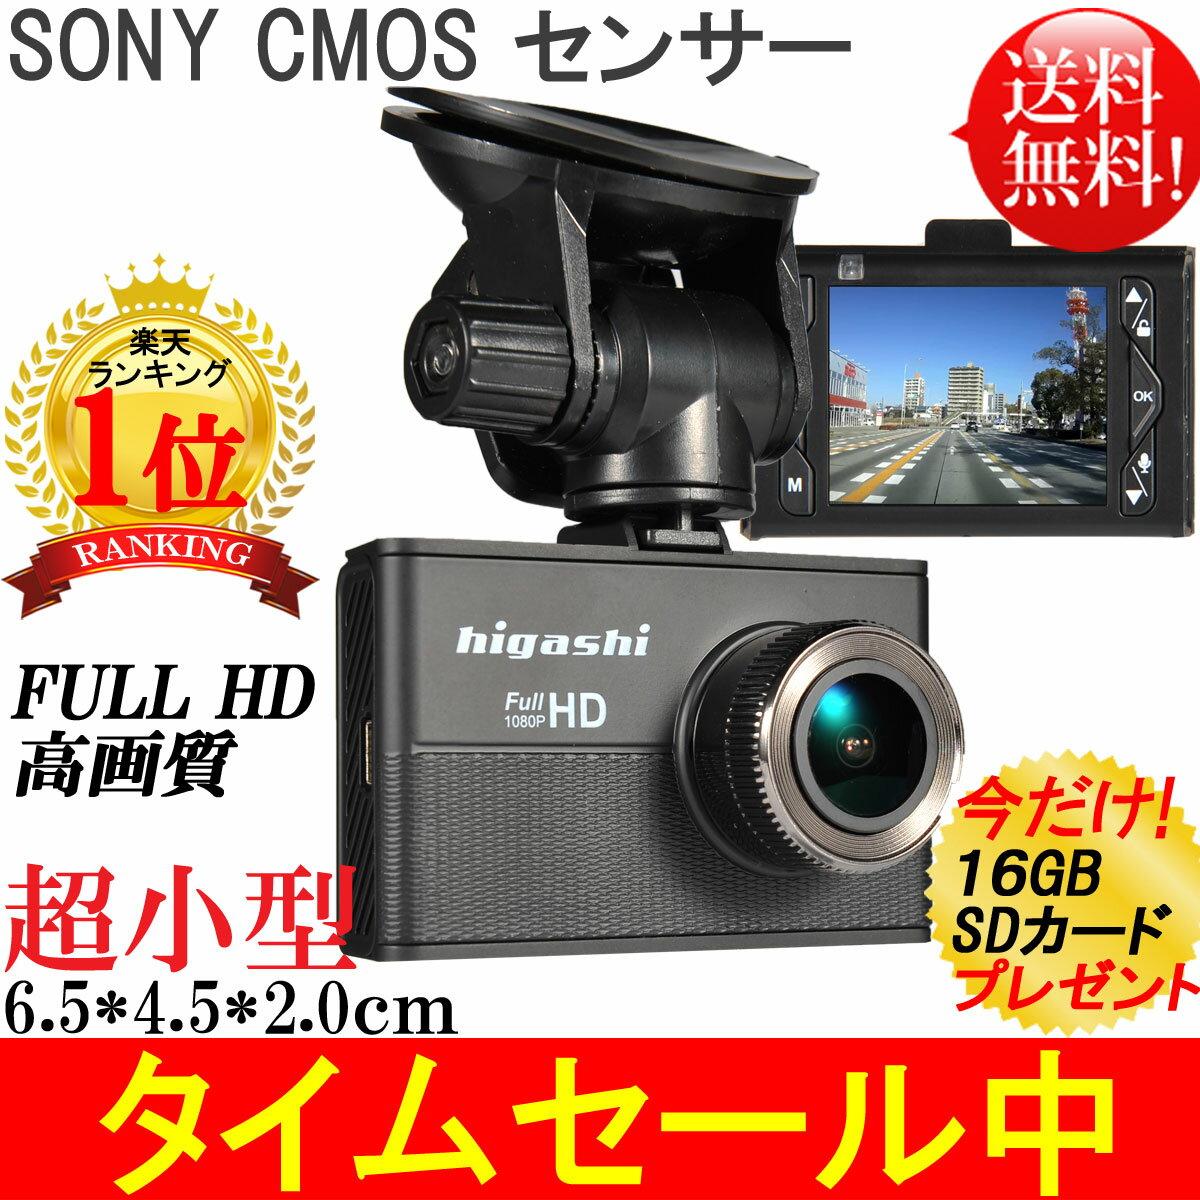 【 決算セール500円クーポン ランキング1位 】 ドライブレコーダー ドラレコ 16GB SDカード プレゼント SONYセンサー WDR 一体型 フルHD 高画質 広角170° 1080P